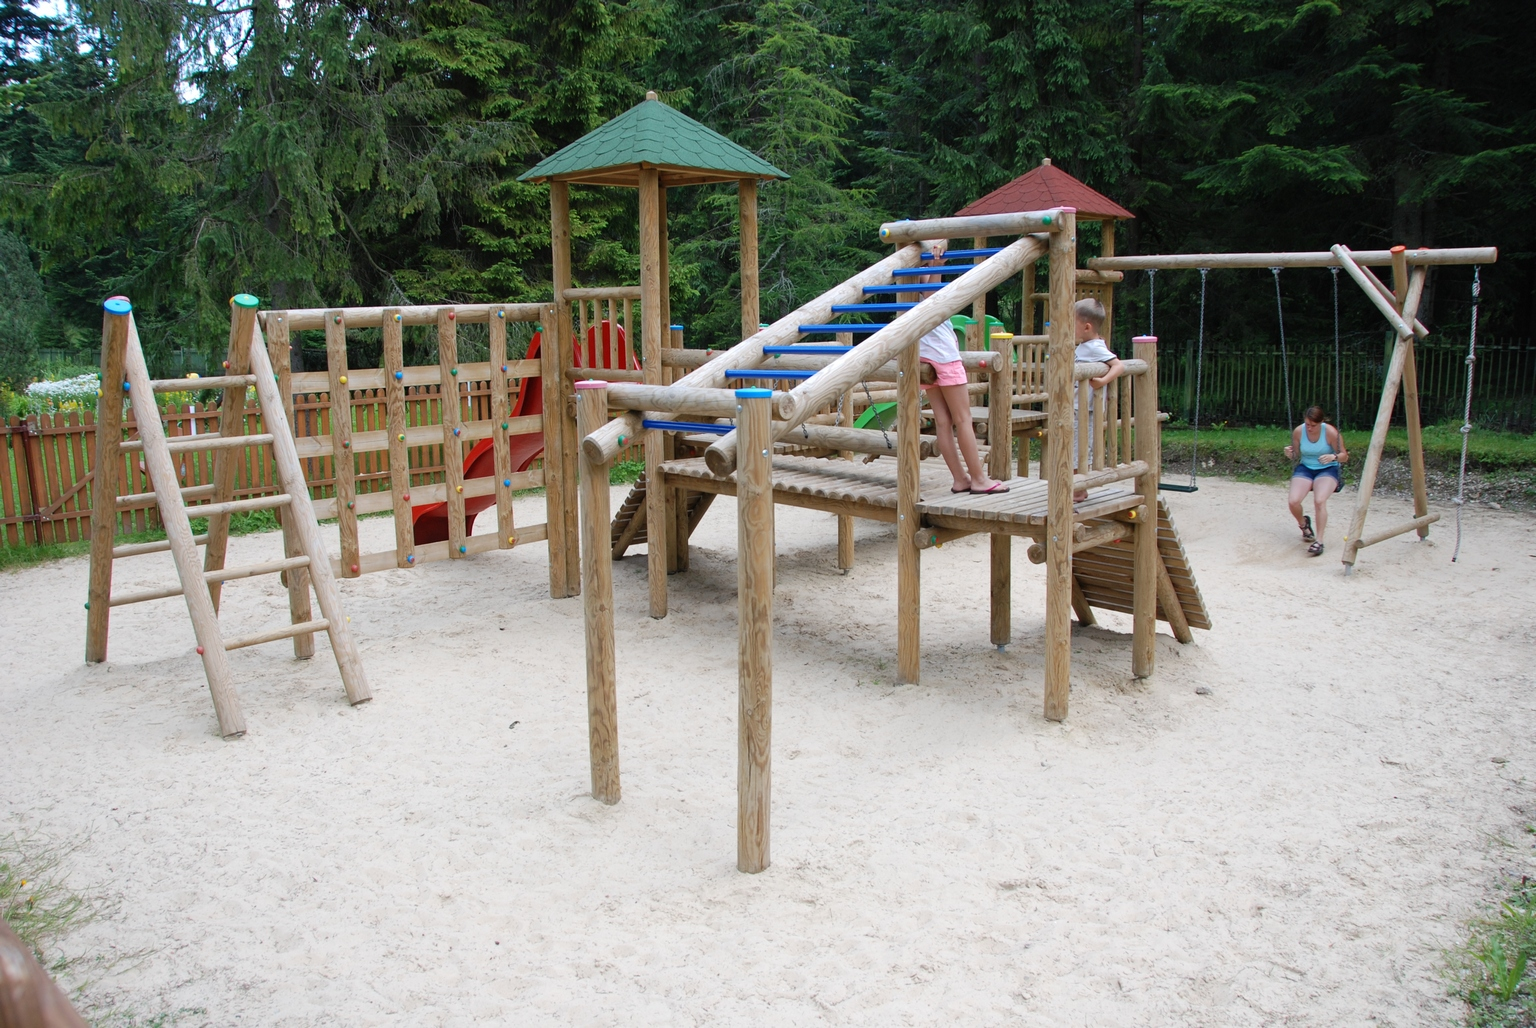 plac-zabaw-dolina-bialego-atrakcje-dla-dzieci